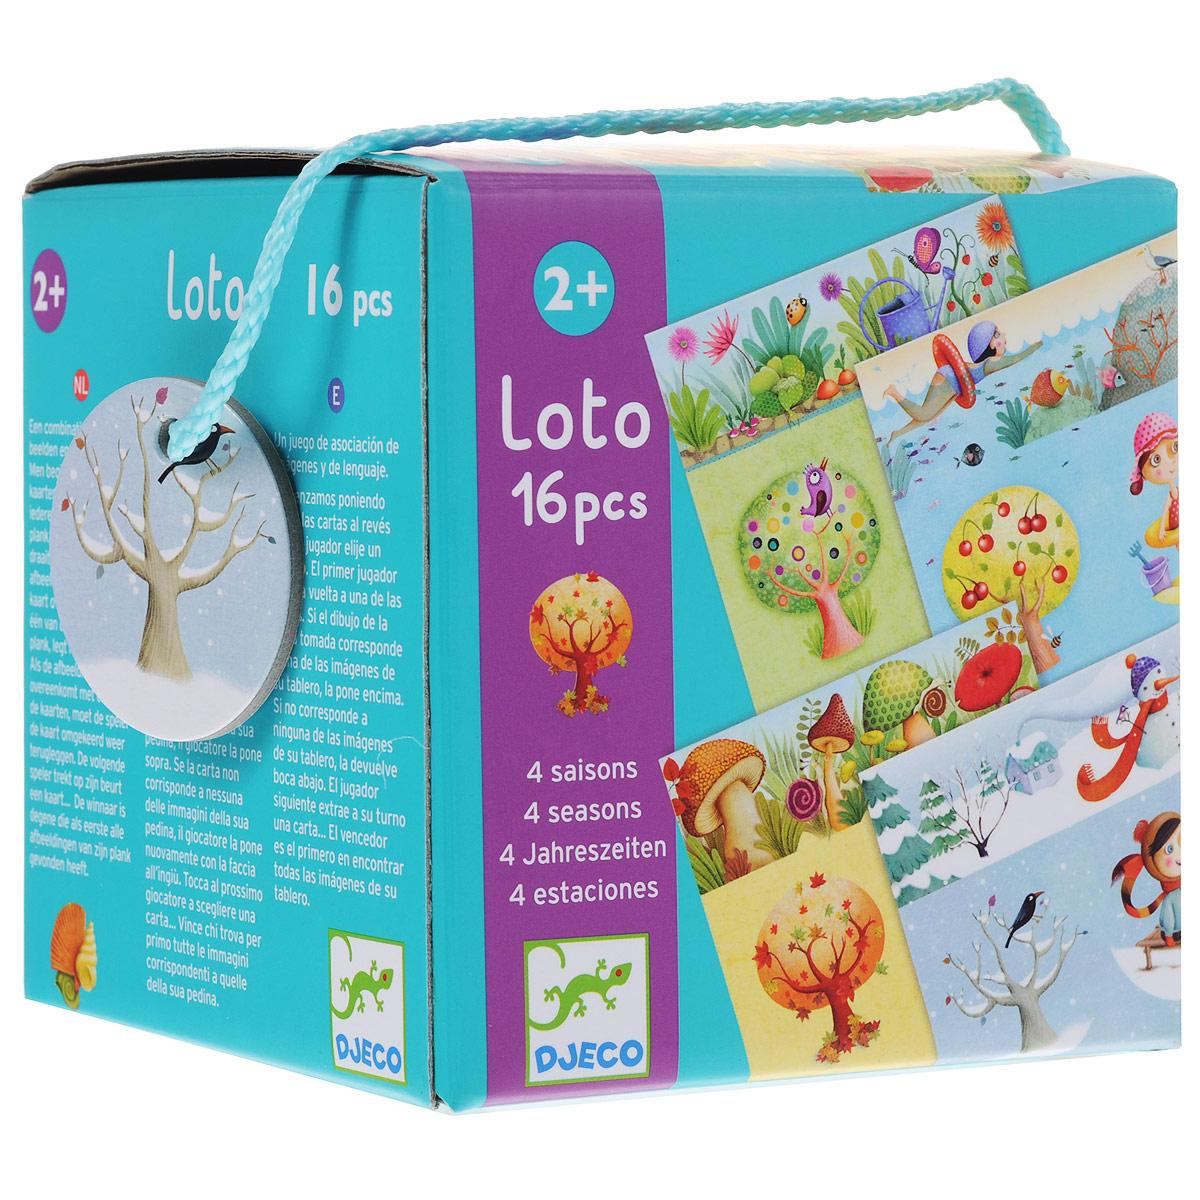 Djeco Лото 4 сезона08123Увлекательная настольная игра лото Djeco 4 сезона позволит вашему ребенку весело и с пользой провести время. Игра включает выполненные из прочного высококачественного картона четыре большие карточки и 16 фишек с различными изображениями. Каждая карточка относится к определенному времени года и оформлена соответствующими ему рисунками. Это классическое лото, специально адаптированное для малышей. Игрокам необходимо как можно быстрее закрыть изображения на таблицах соответствующими фишками. Ребенок с удовольствием будет не только играть, но и всесторонне развиваться. Игра нацелена на развитие памяти, внимания, мелкой моторики рук и устной речи ребенка. Лото развивает усидчивость, аккуратность и учит логически рассуждать.